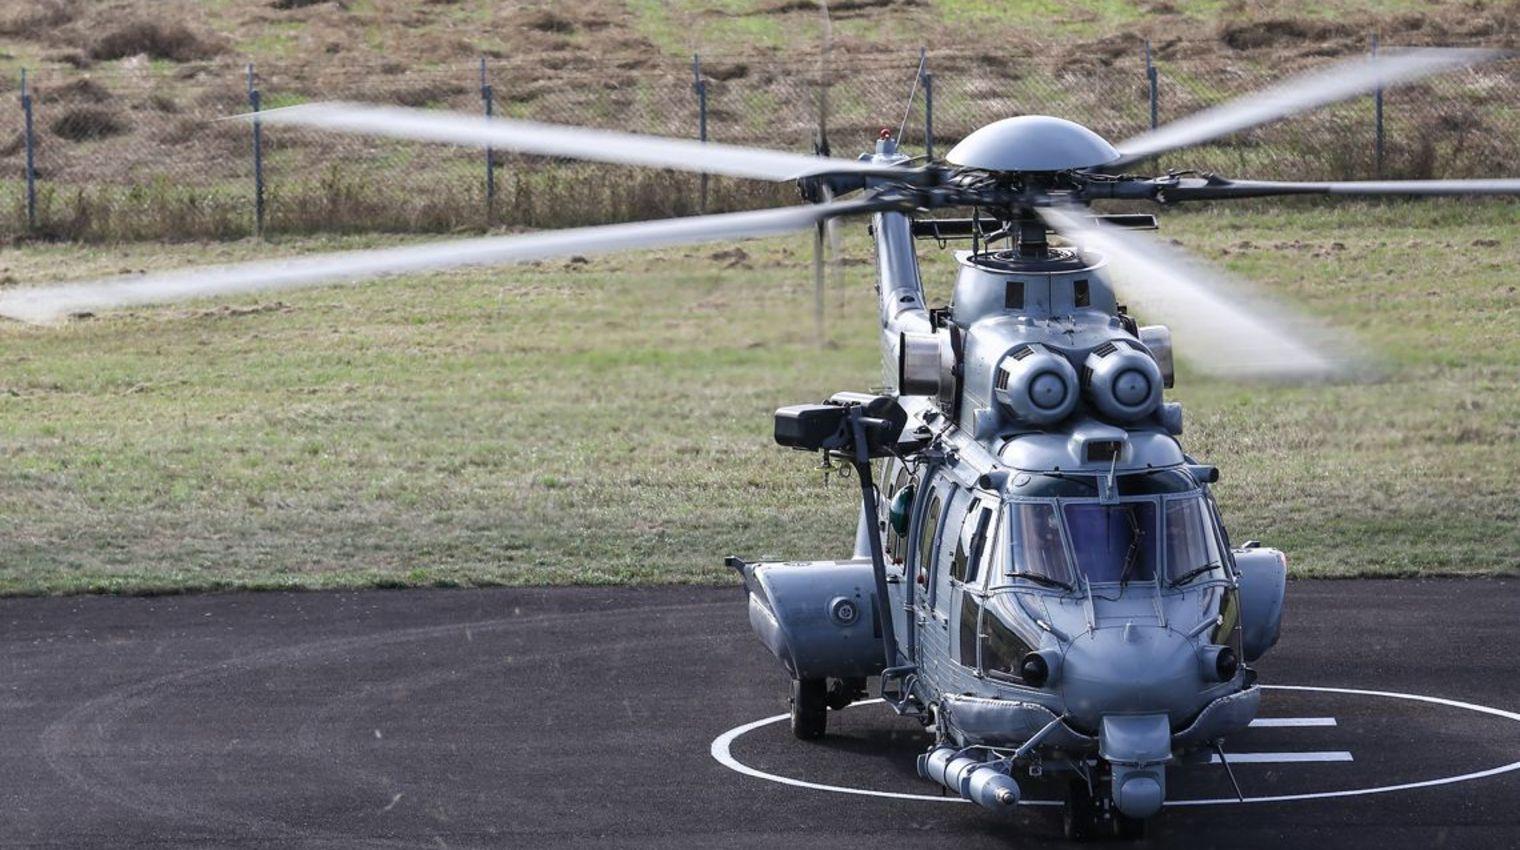 Airbus Helicopters décroche un nouveau contrat record au Mexique – L'Express L'Expansion